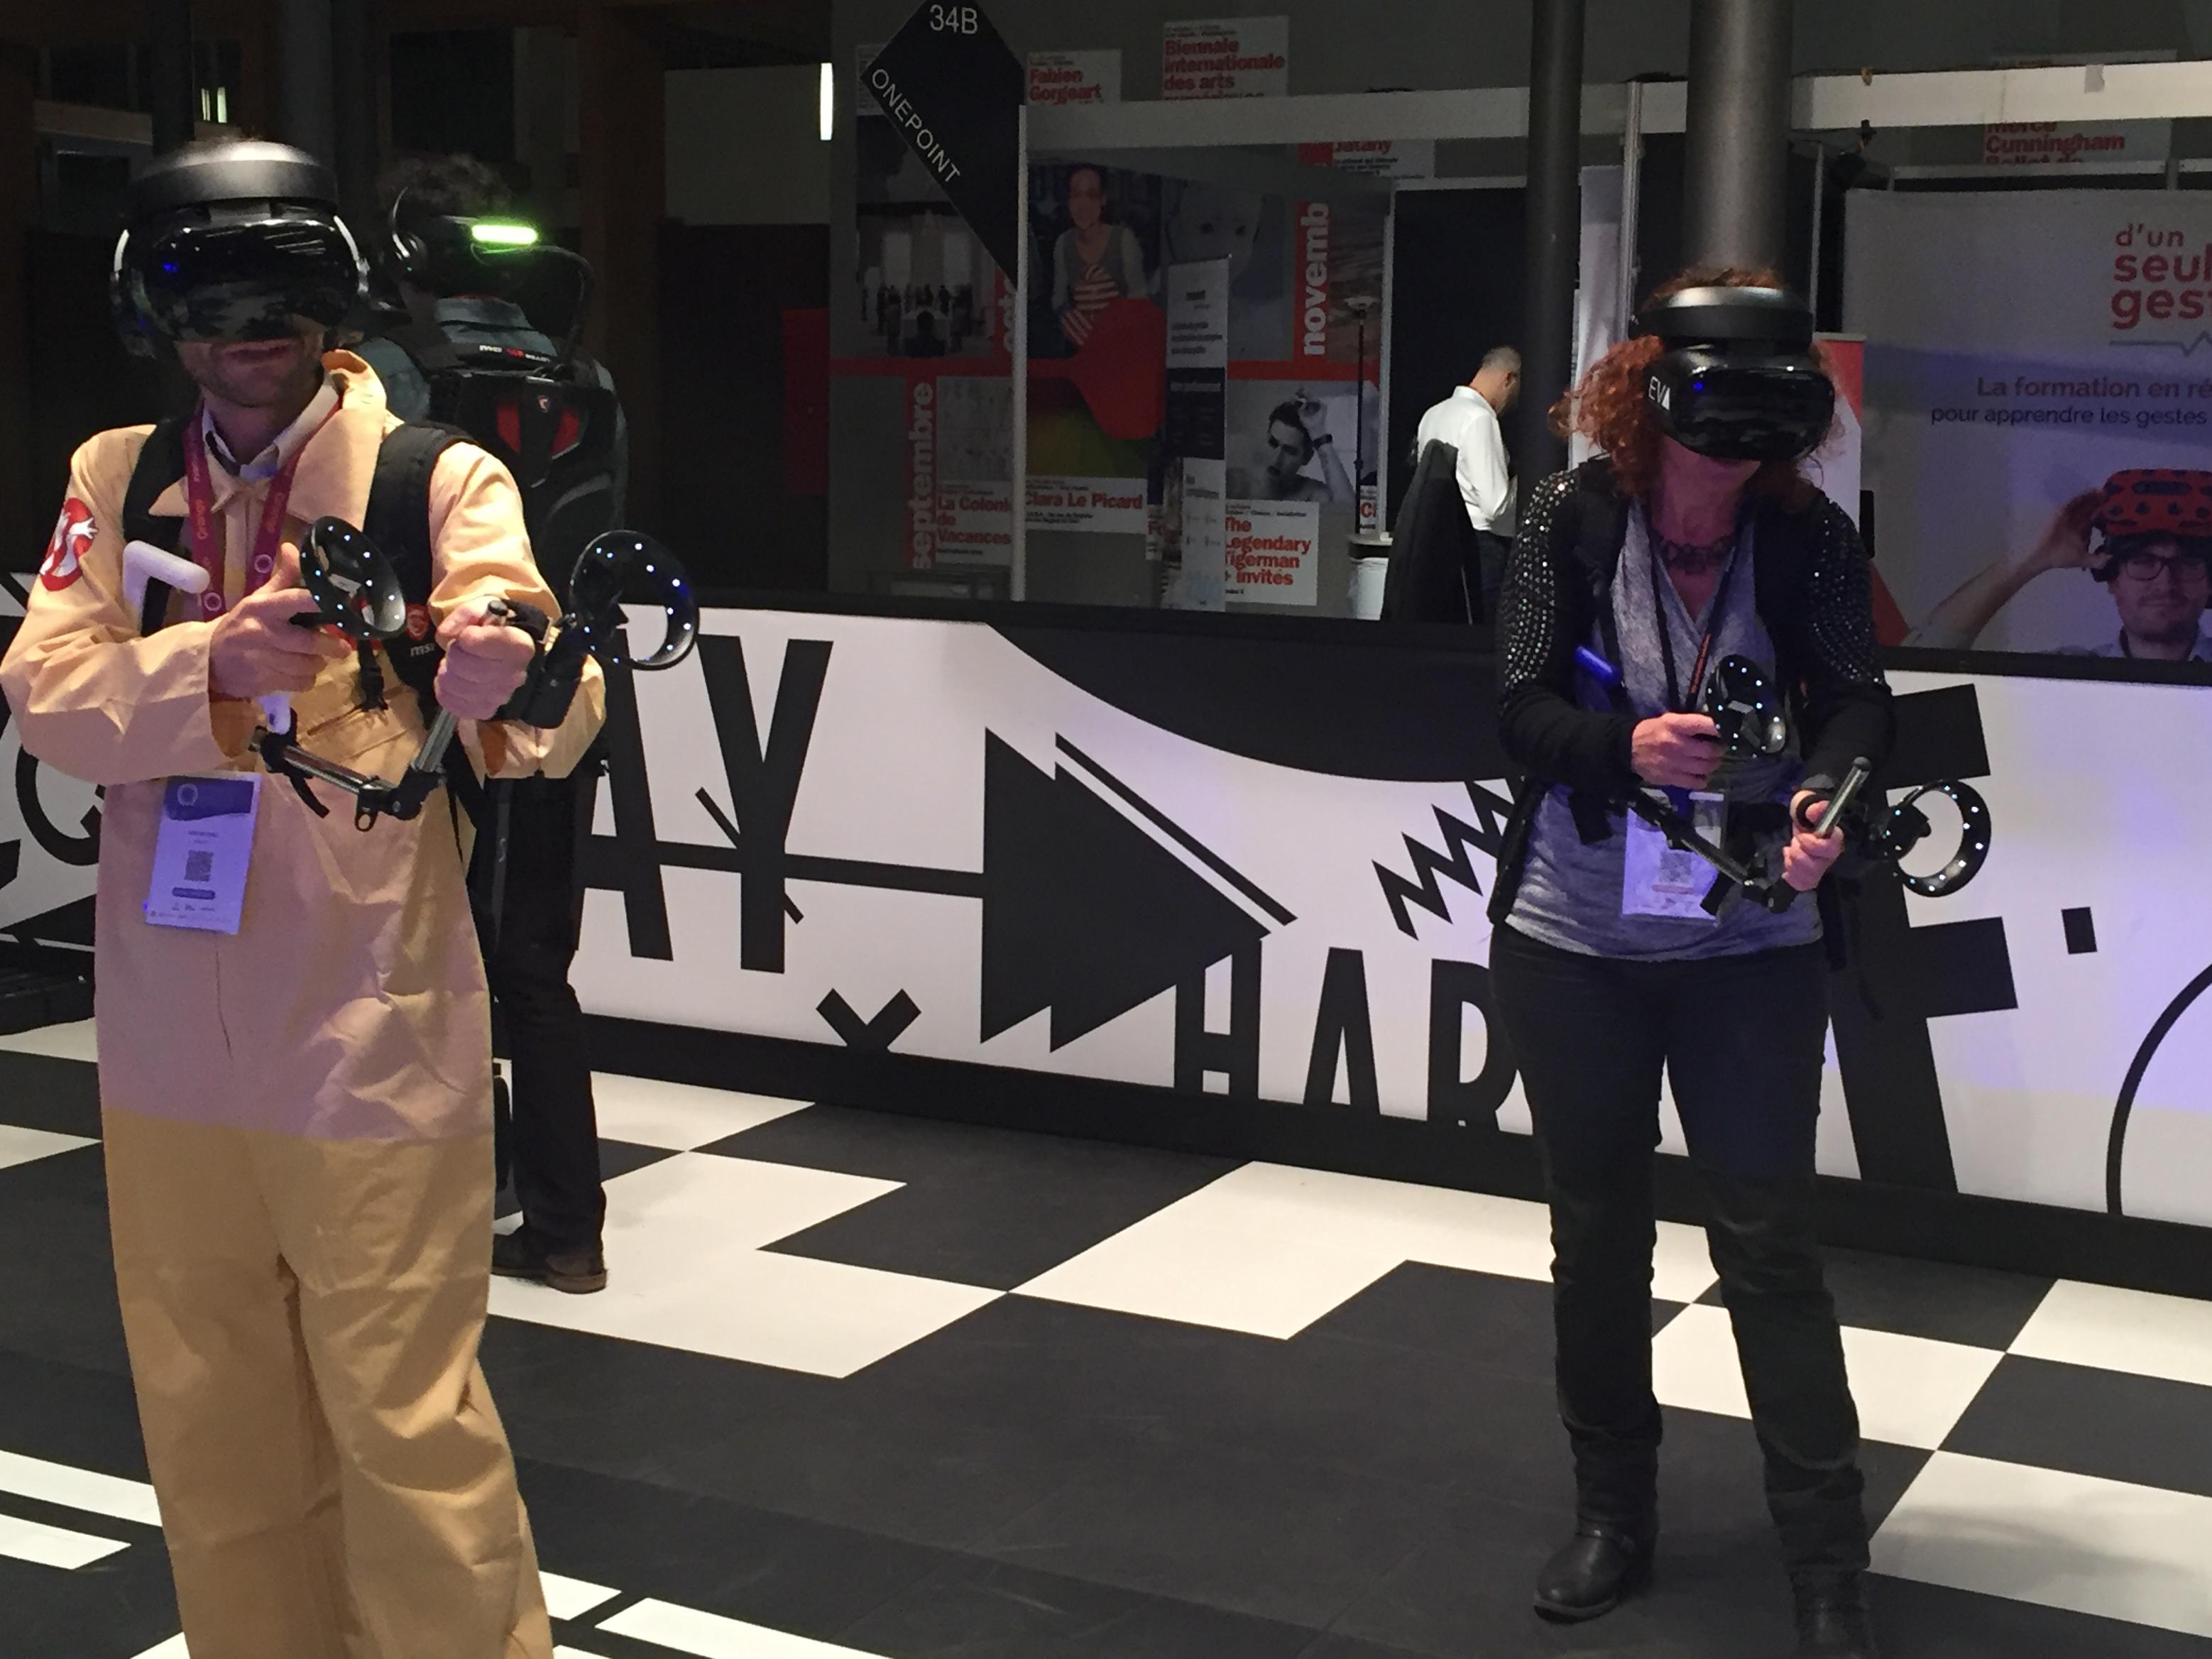 #VR, #AR, #XR : quand les technologies immersives brouillent les frontières du réel et construisent l'avenir d'un monde « augmenté » …